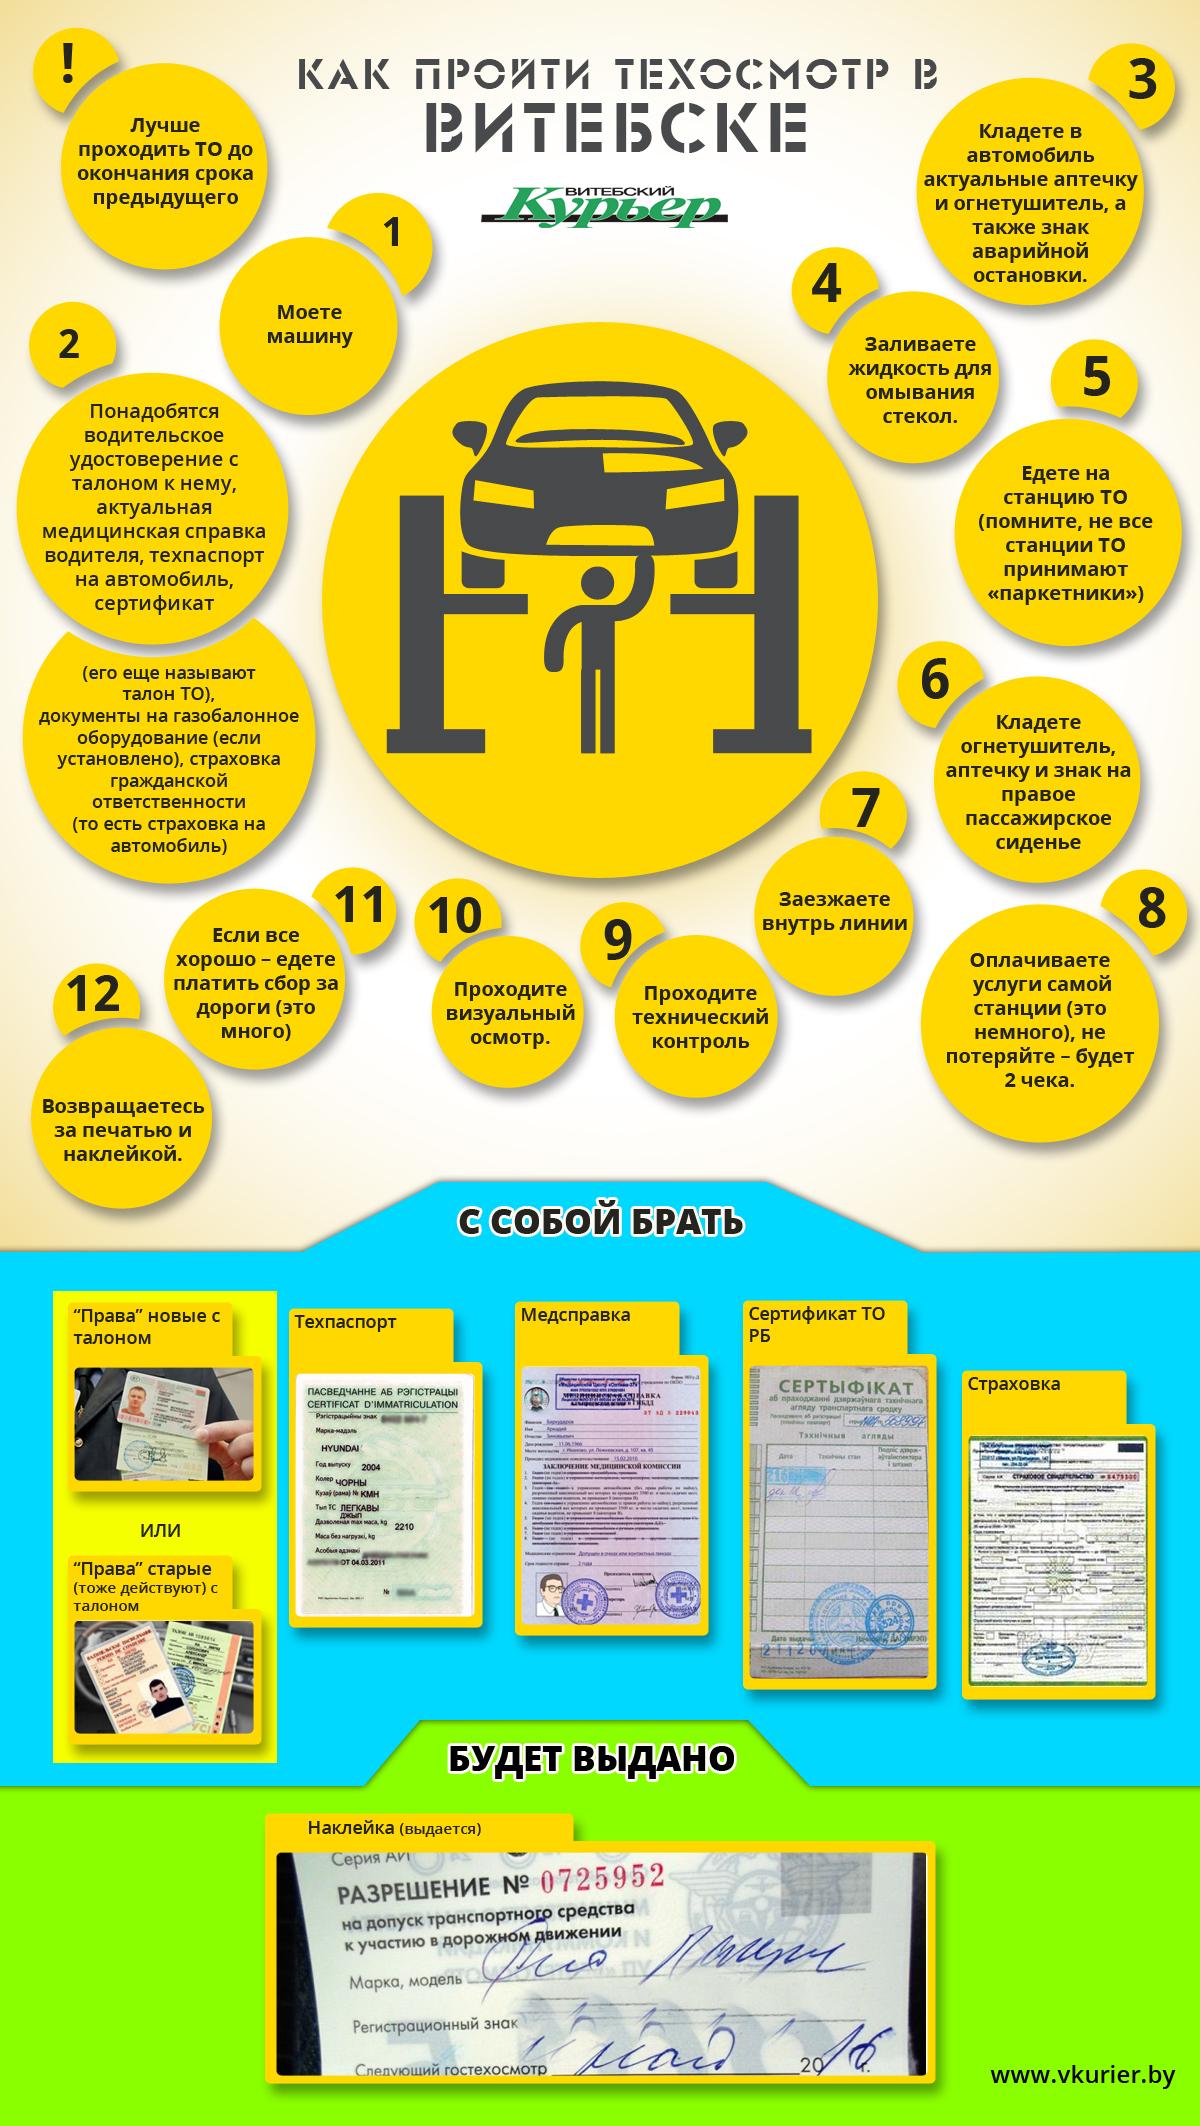 Как пройти техосмотр в Витебске (50)